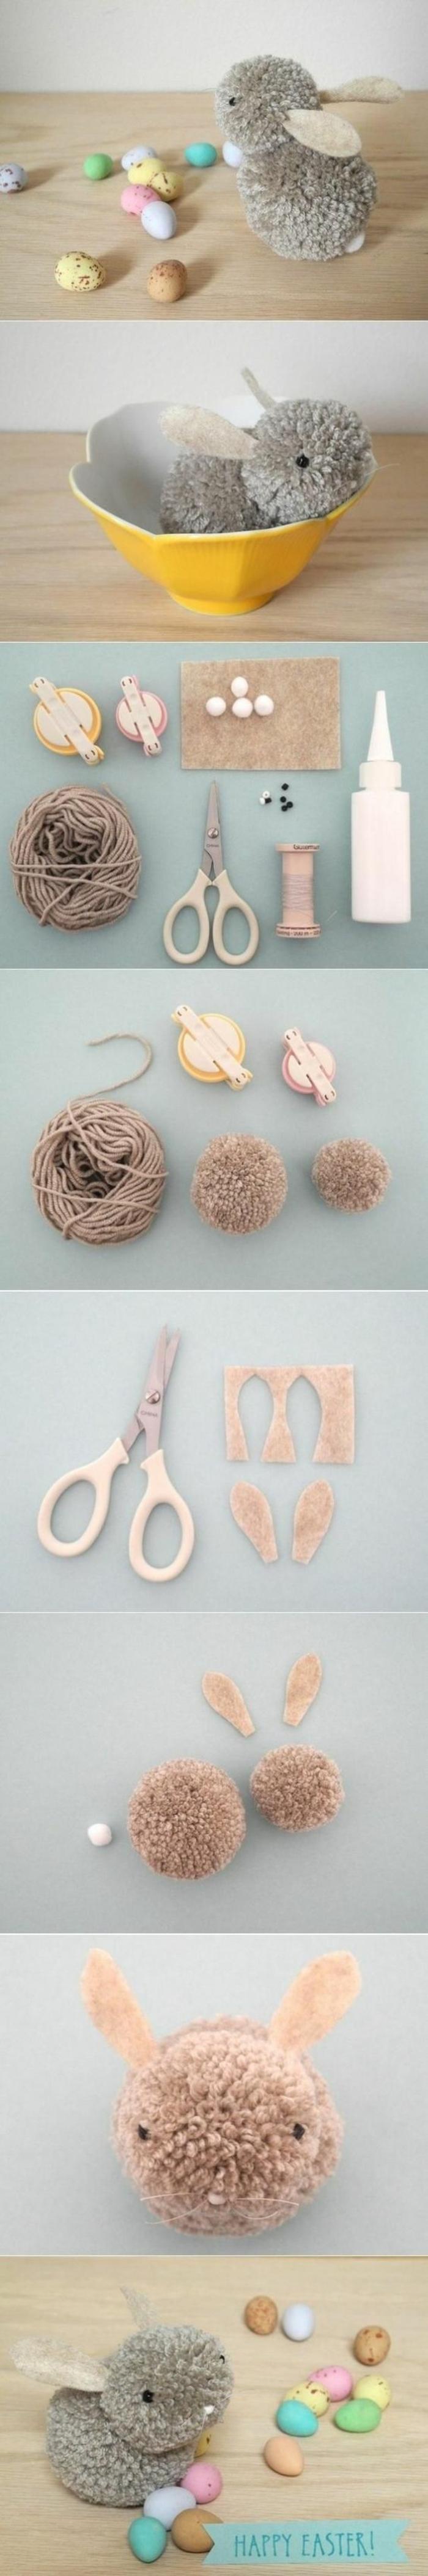 kuscheltier selber machen, grauer hase aus garn, schüssel, troddel